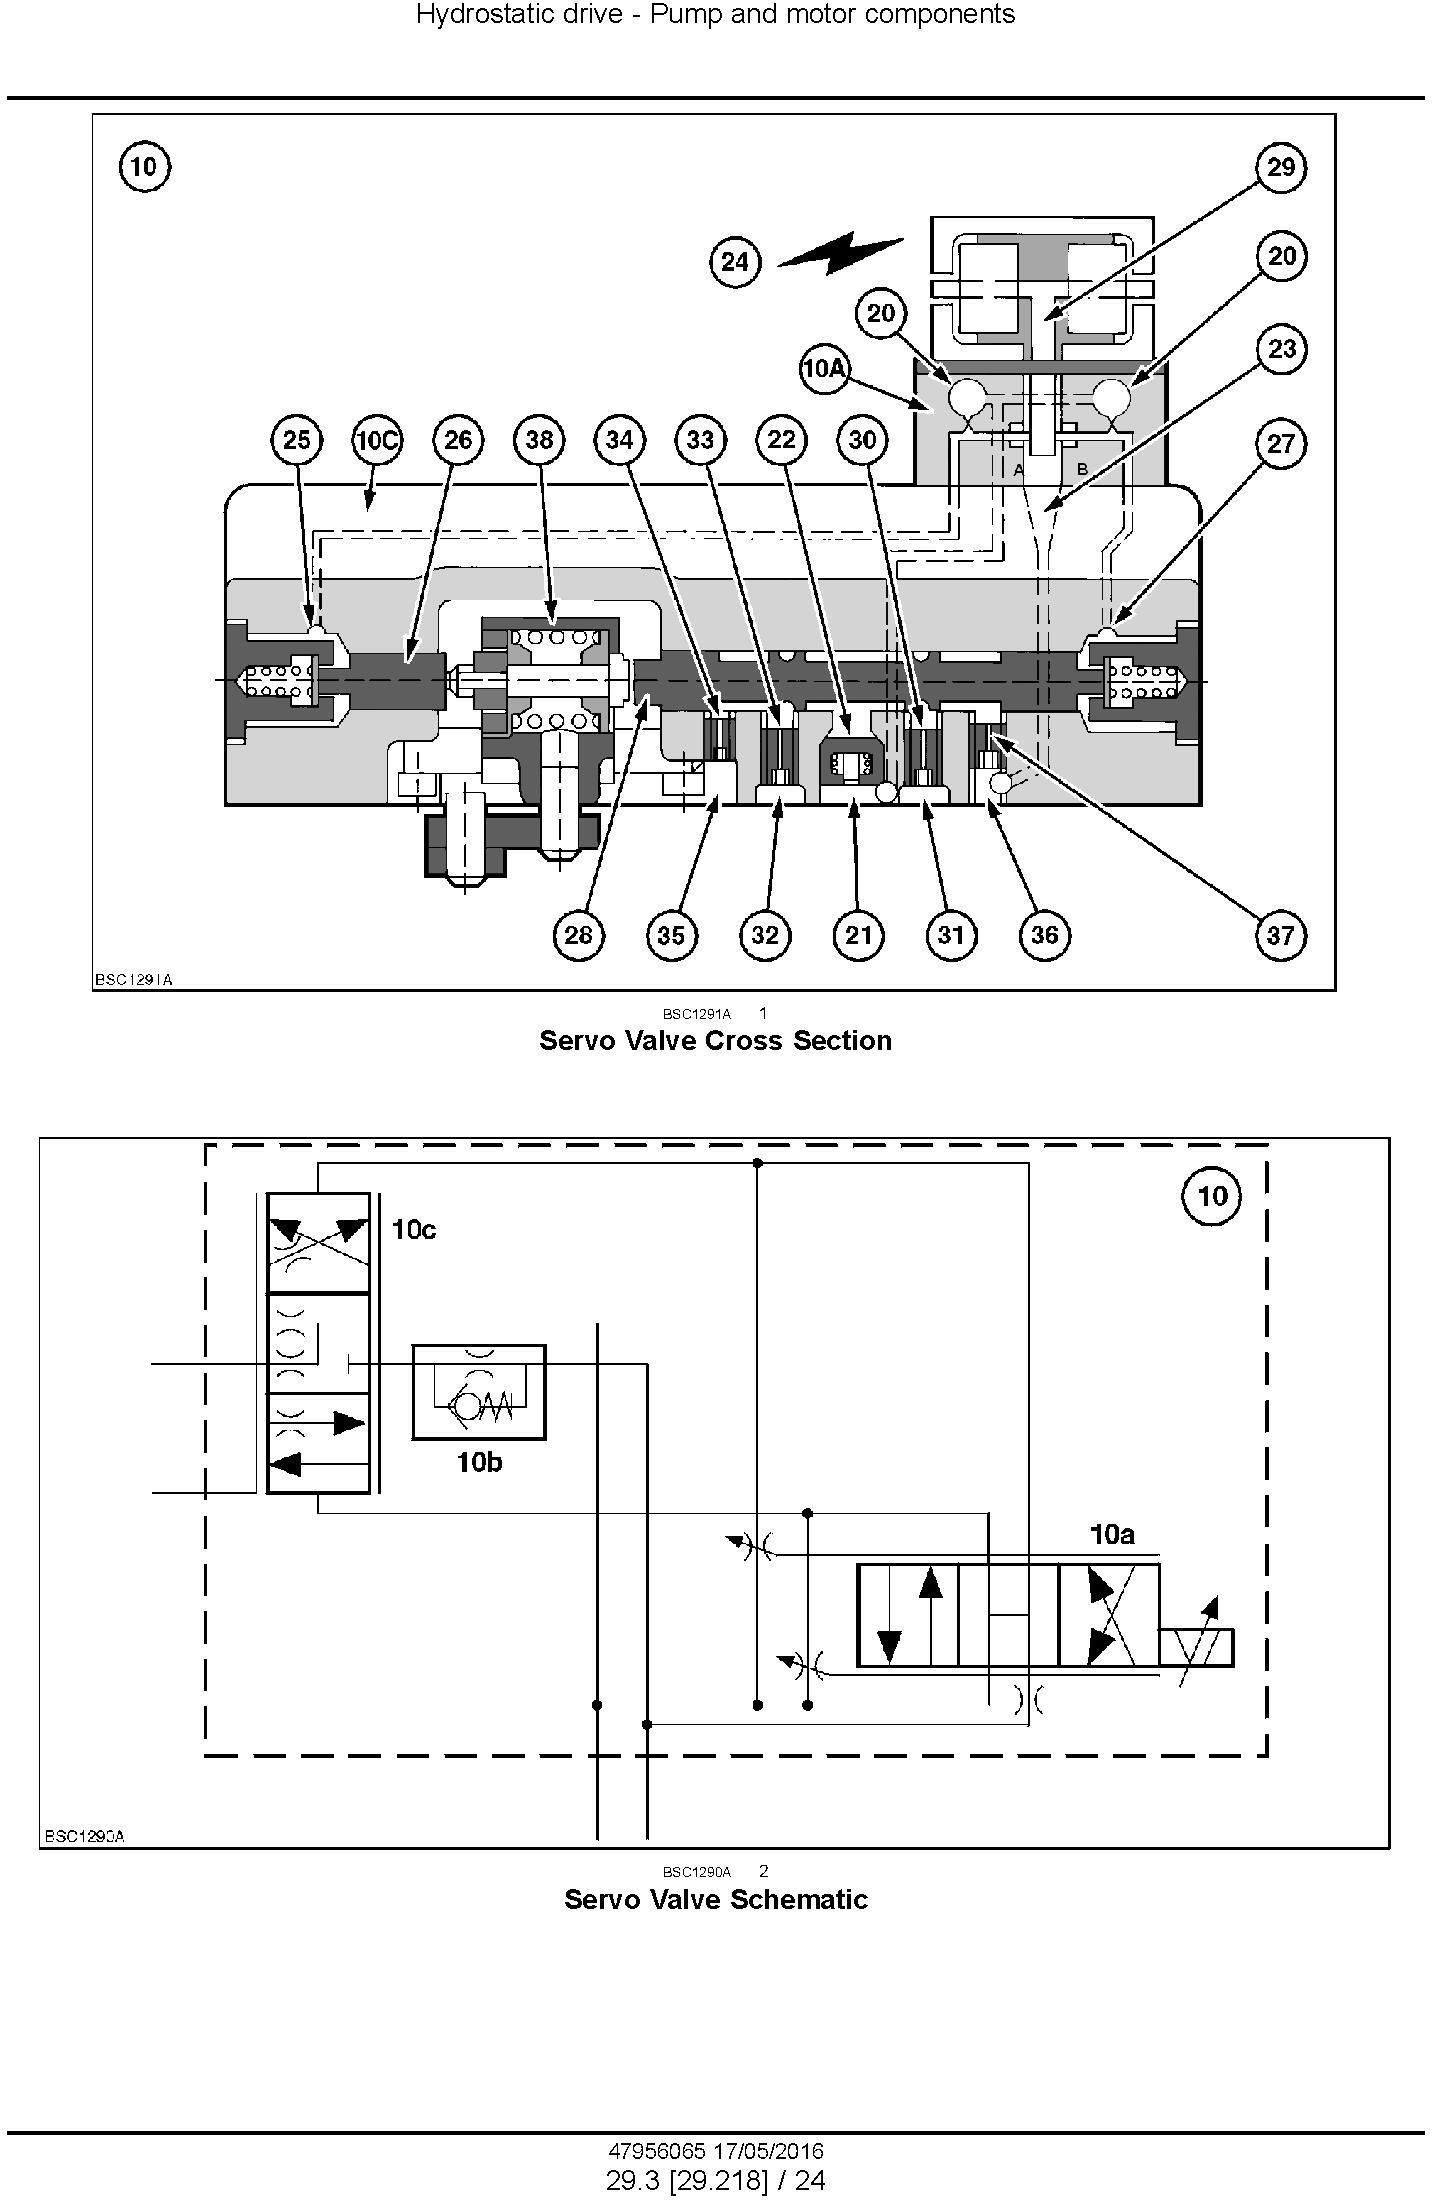 New Holland CR8.90, CR9.90, CX8.90, CR10.90, CX8.80 Combine Complete Service Manual (North America) - 1